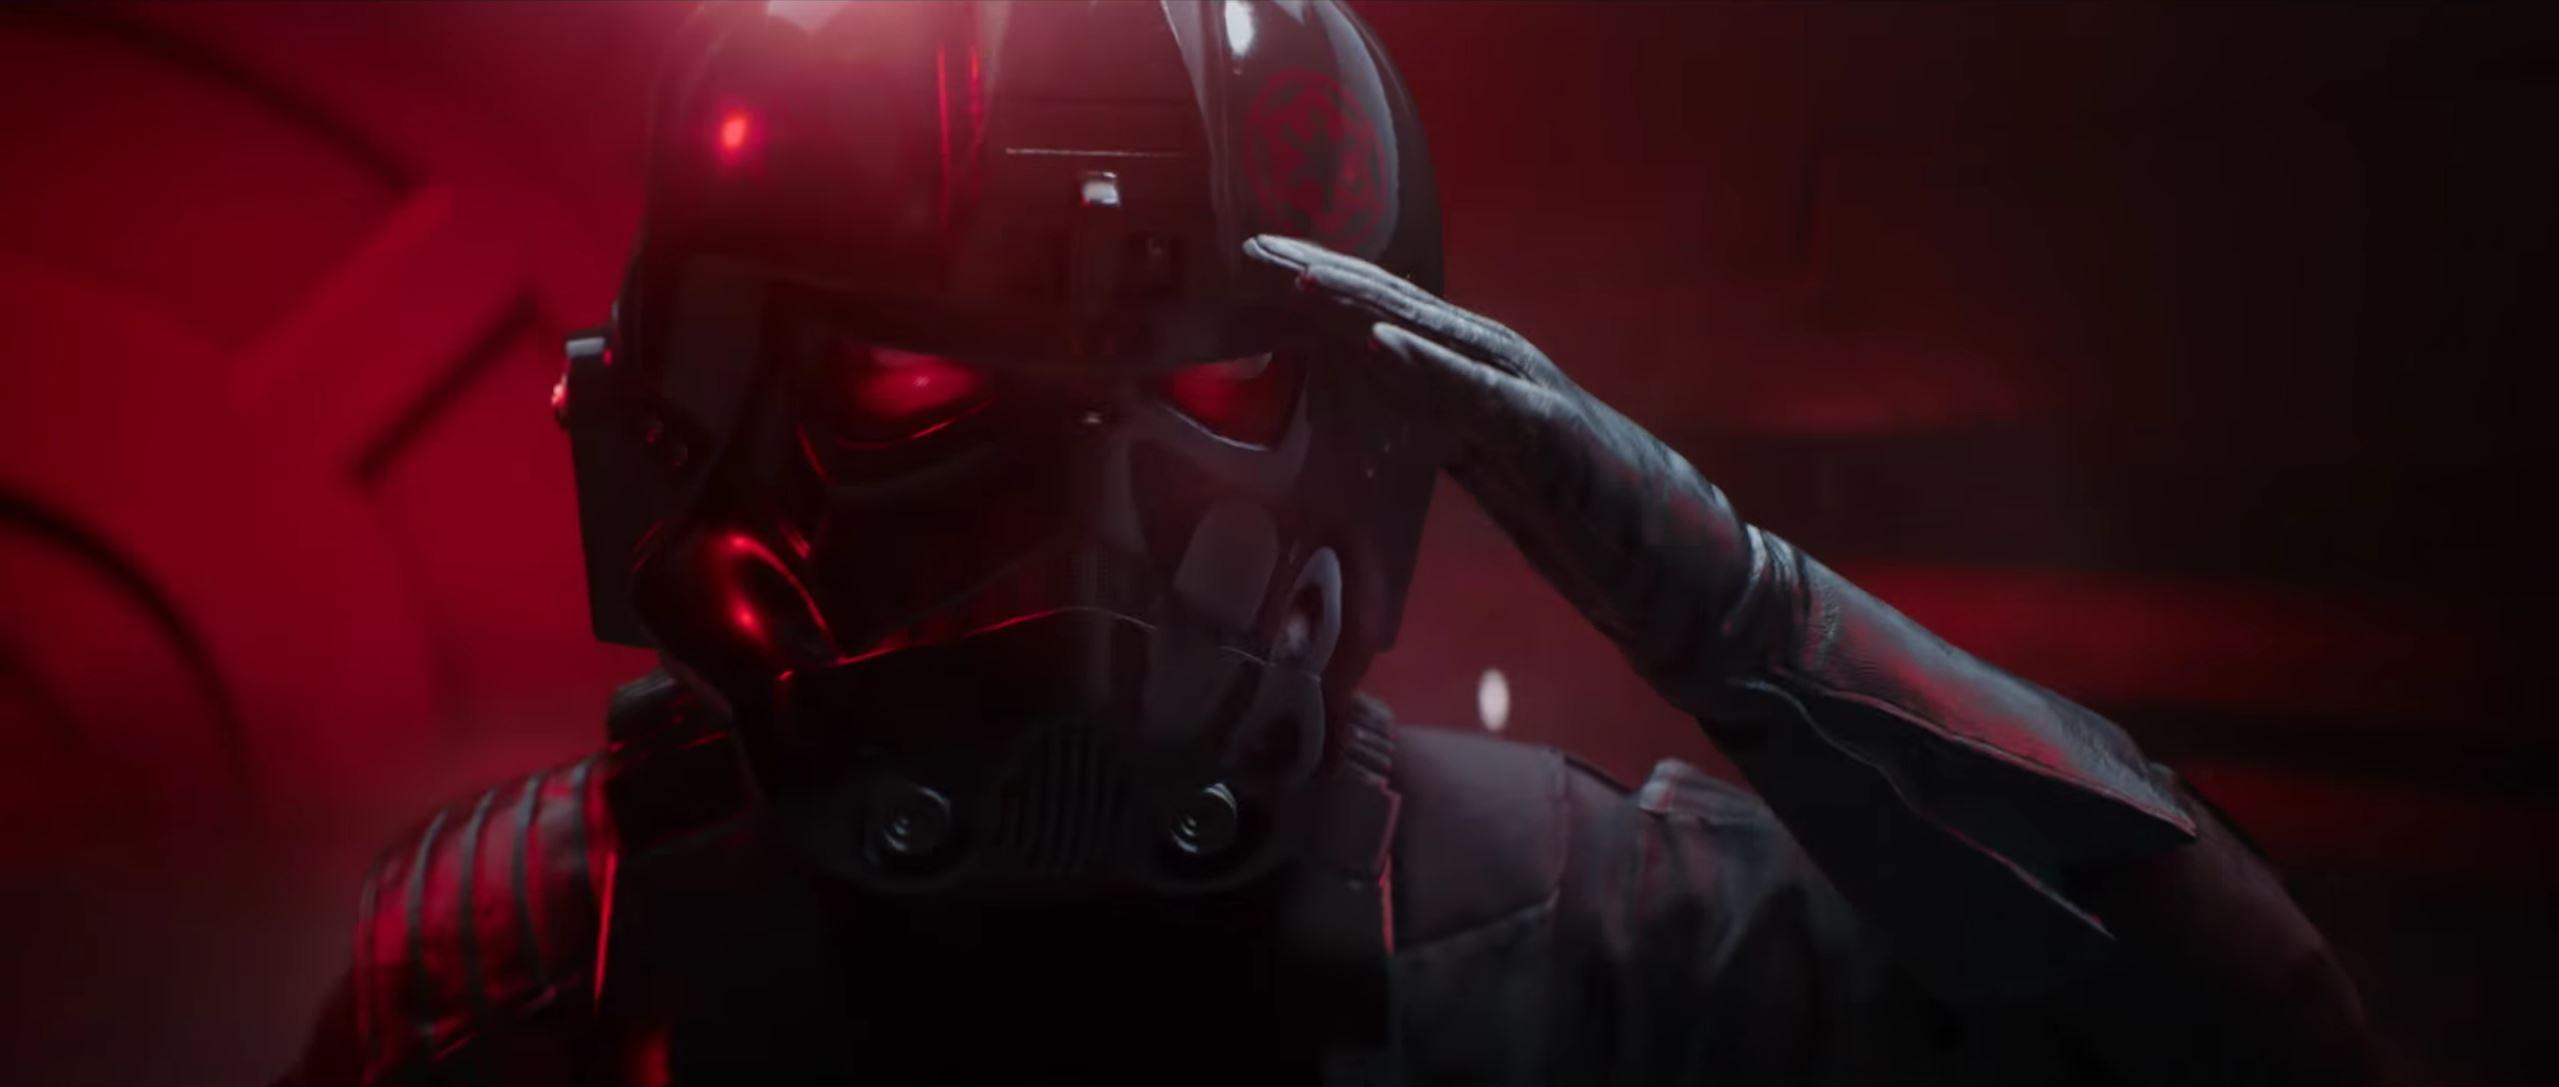 Star Wars Battlefront 2 auf Metacritic – Von Kritikern geliebt, von Spielern gehasst